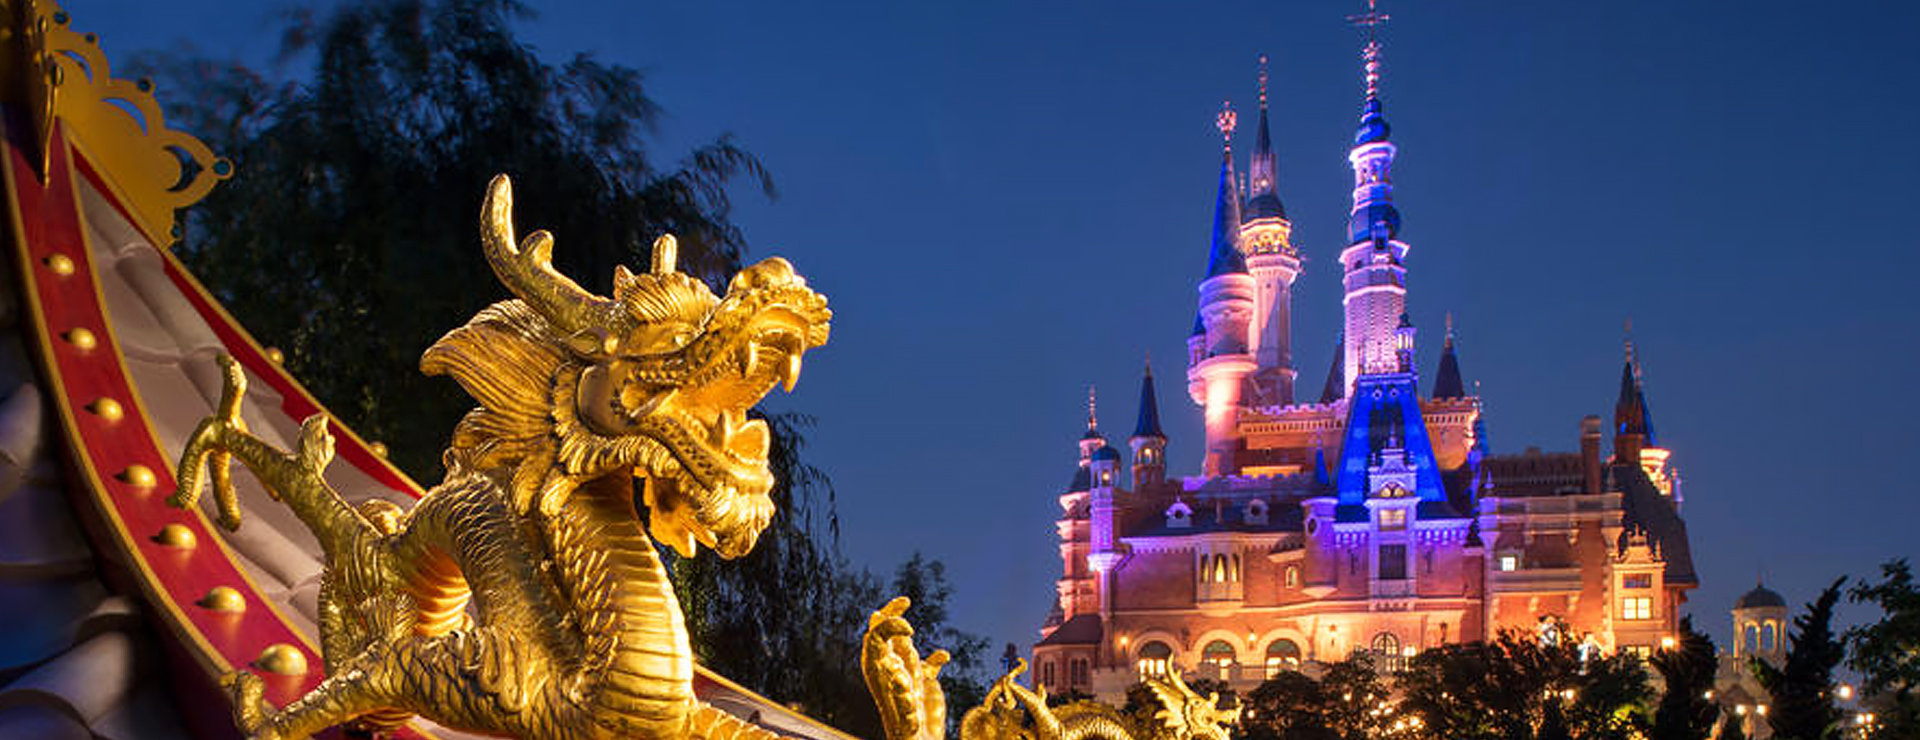 Shanghai – Disneyland